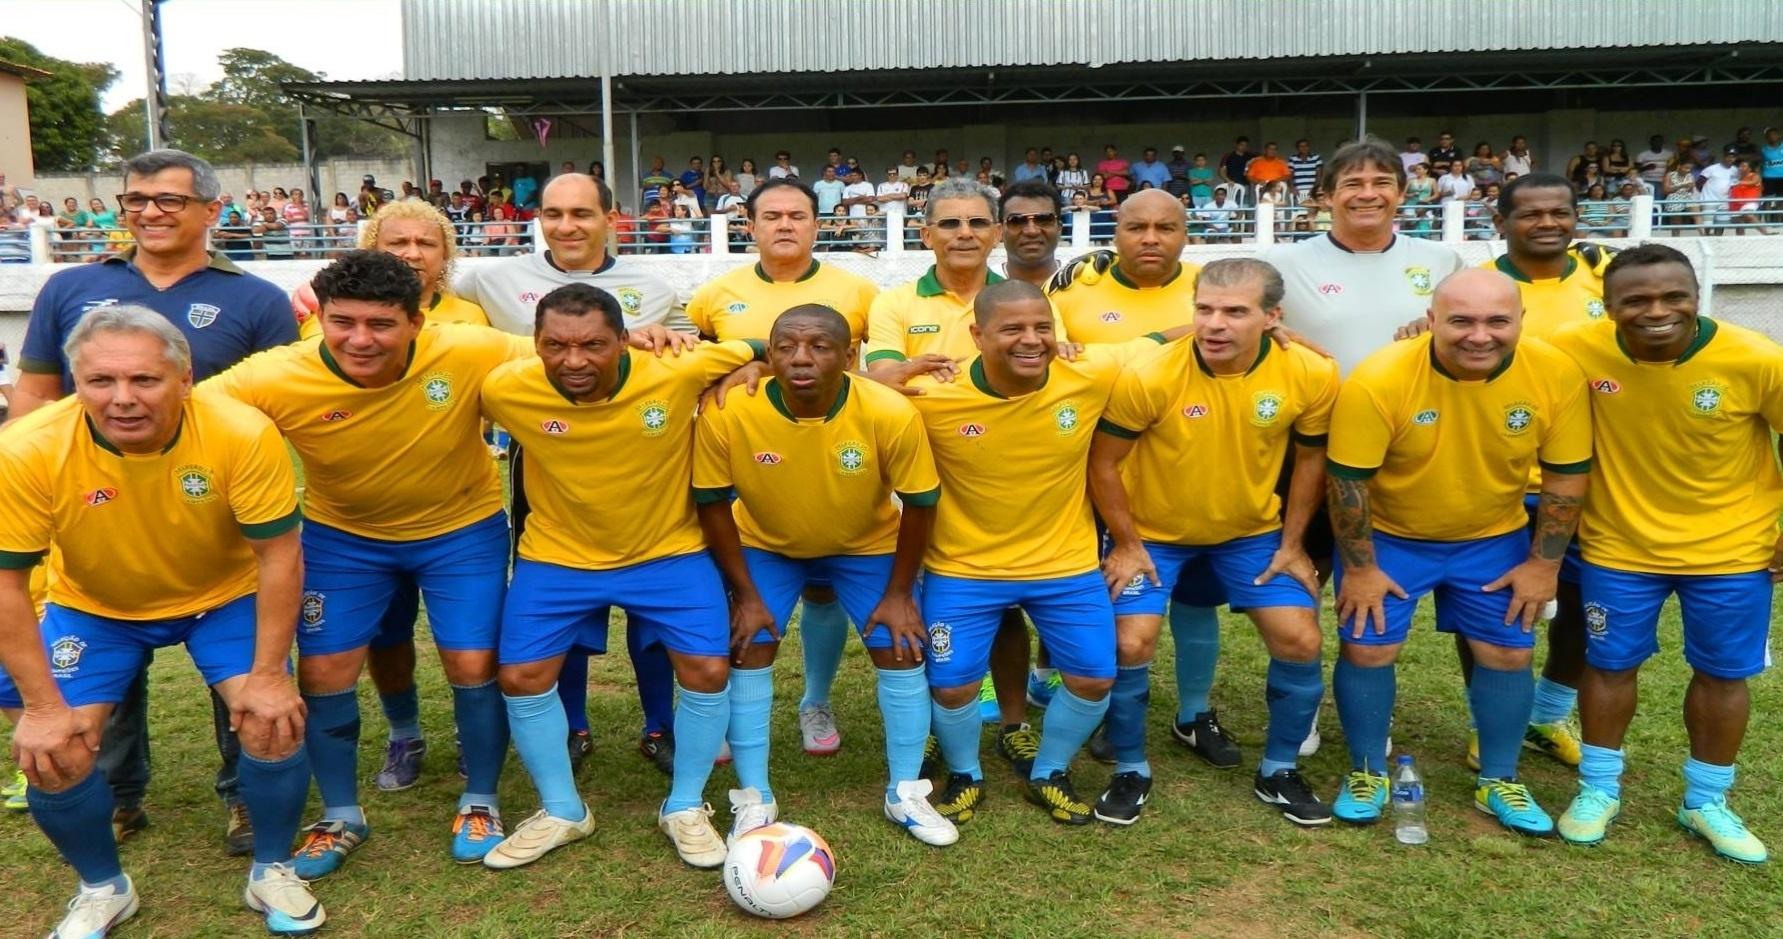 A seleção brasileira de futebol master em uma de suas apresentações com Marcelinho Carioca, Edilson, Tulio Maravilha e Amaral